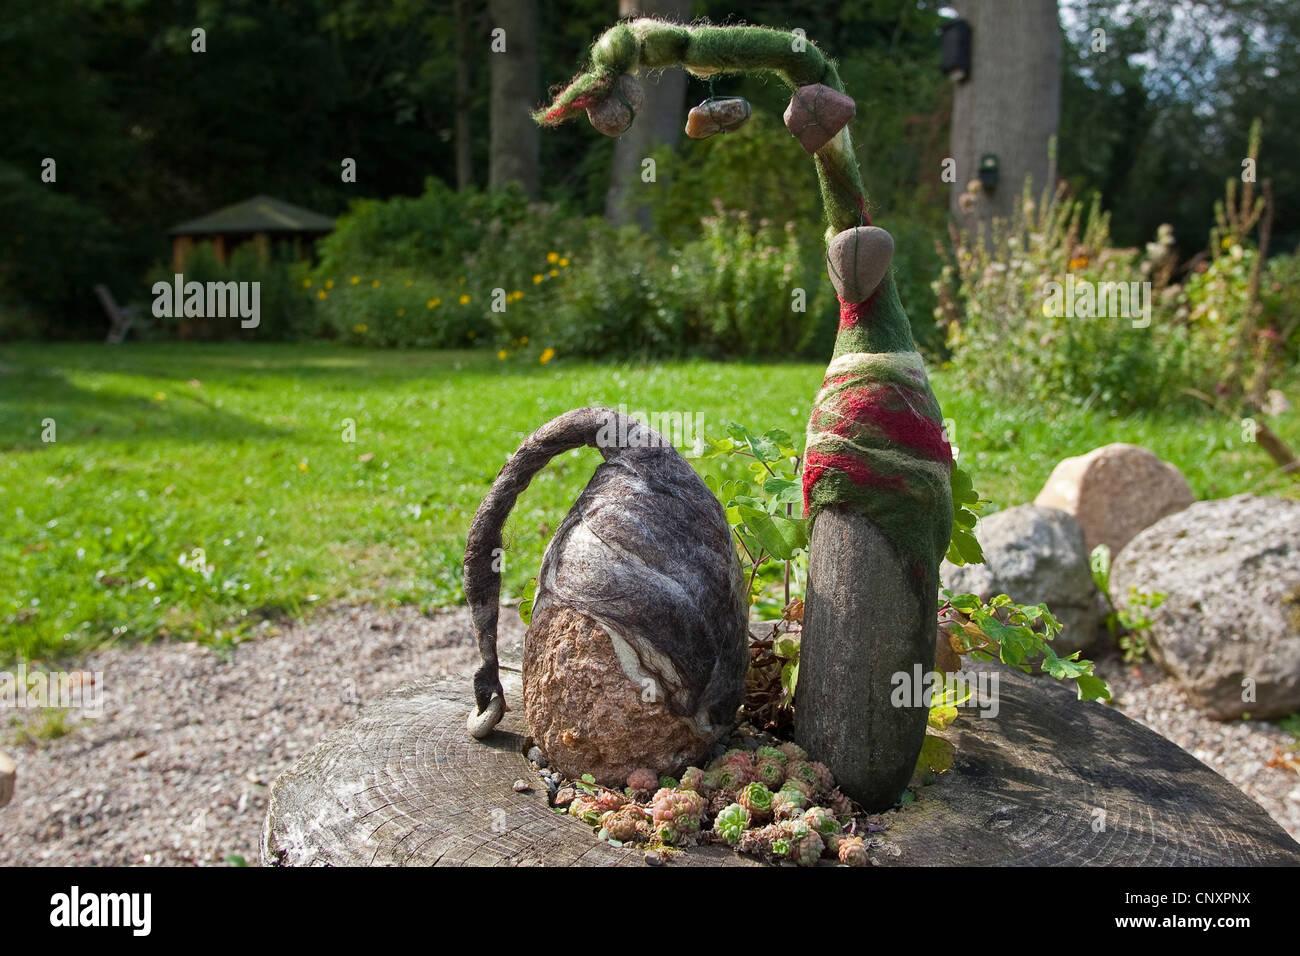 https www alamyimages fr photo image avis des trolls de pierre servant de decoration de jardin deux pierres naturelles equipees de bouchons de laine feutree cote a cote sur un arbre accroc allemagne 47917126 html